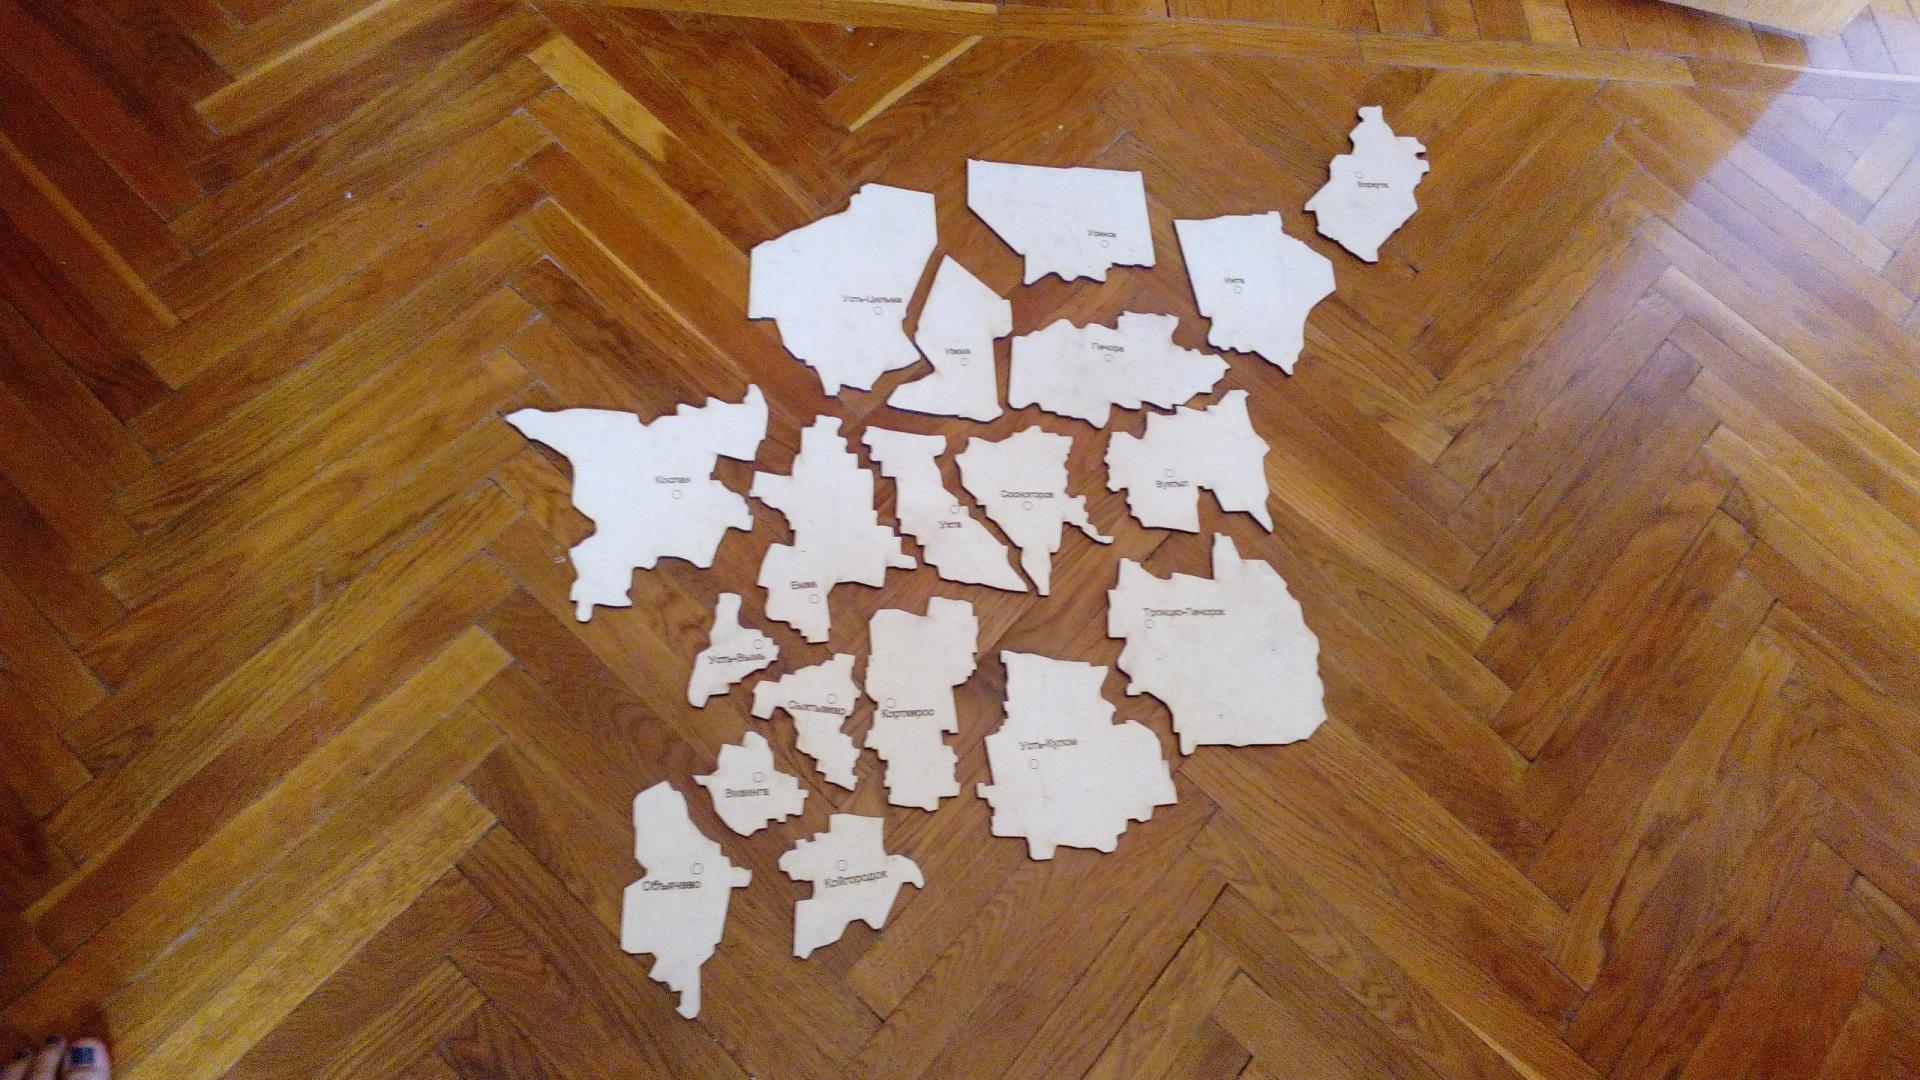 Сыктывкарский предприниматель создал магнитную карту-конструктор Коми